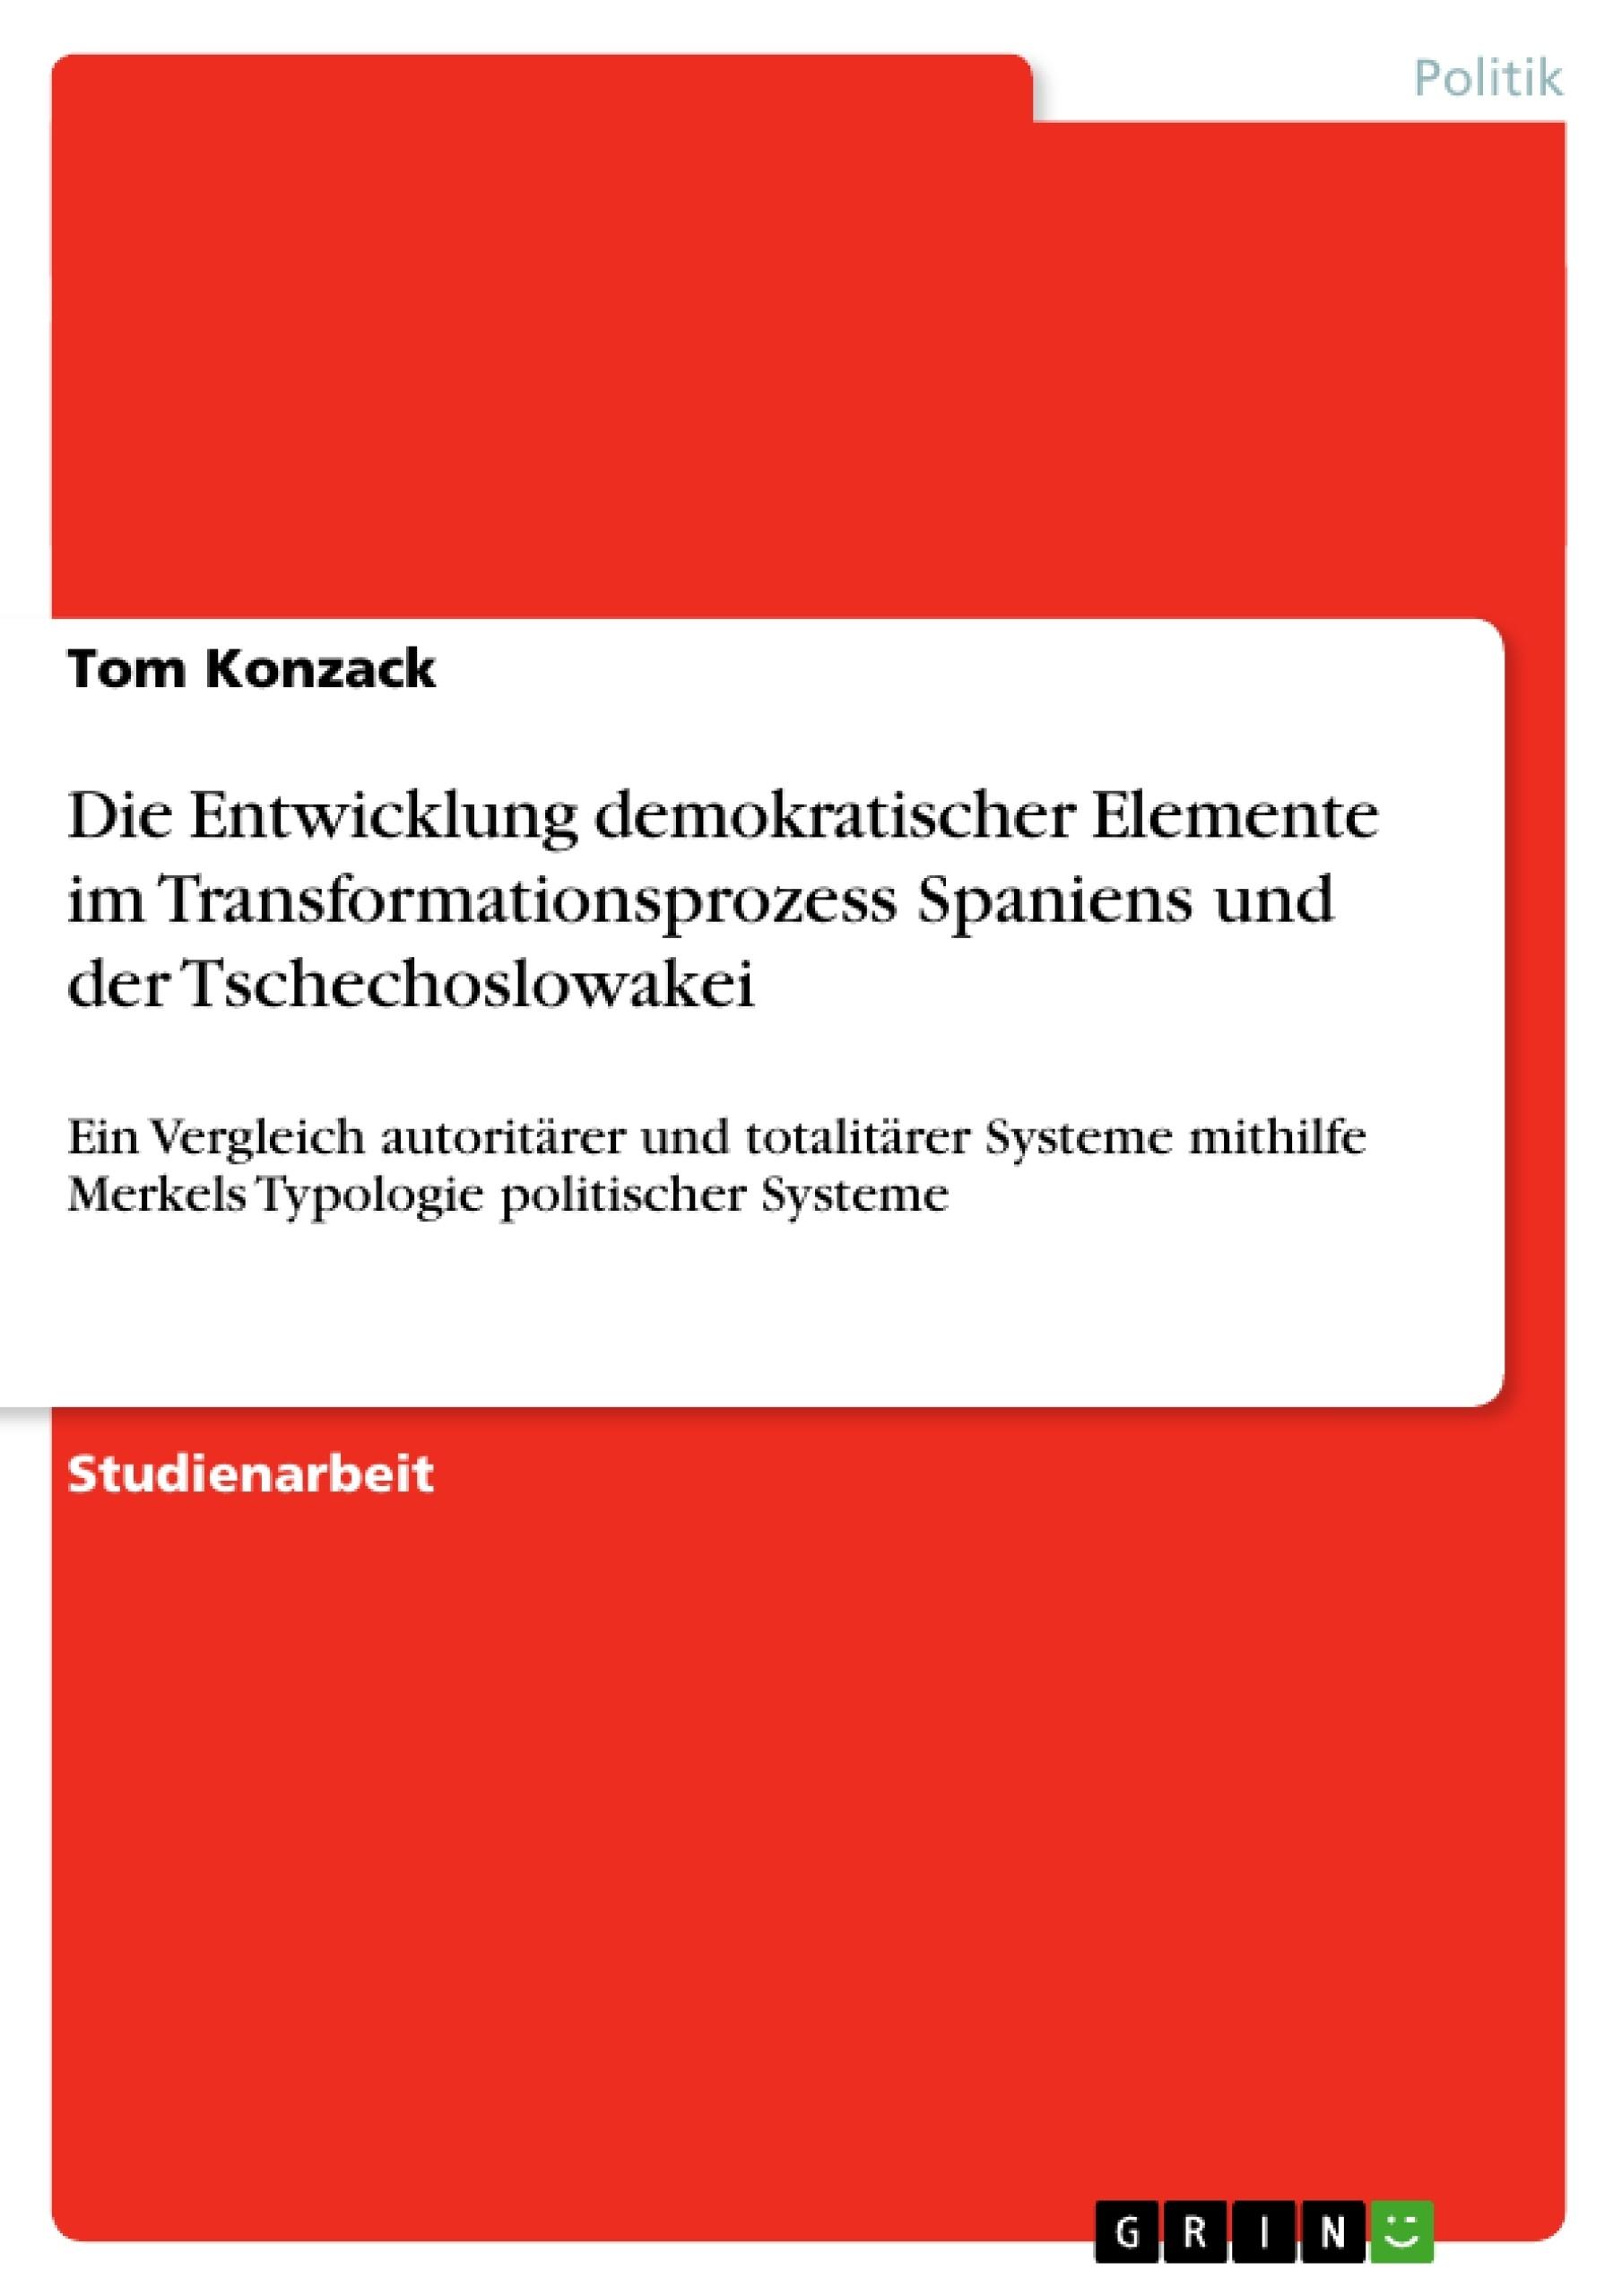 Titel: Die Entwicklung demokratischer Elemente im Transformationsprozess Spaniens und der Tschechoslowakei